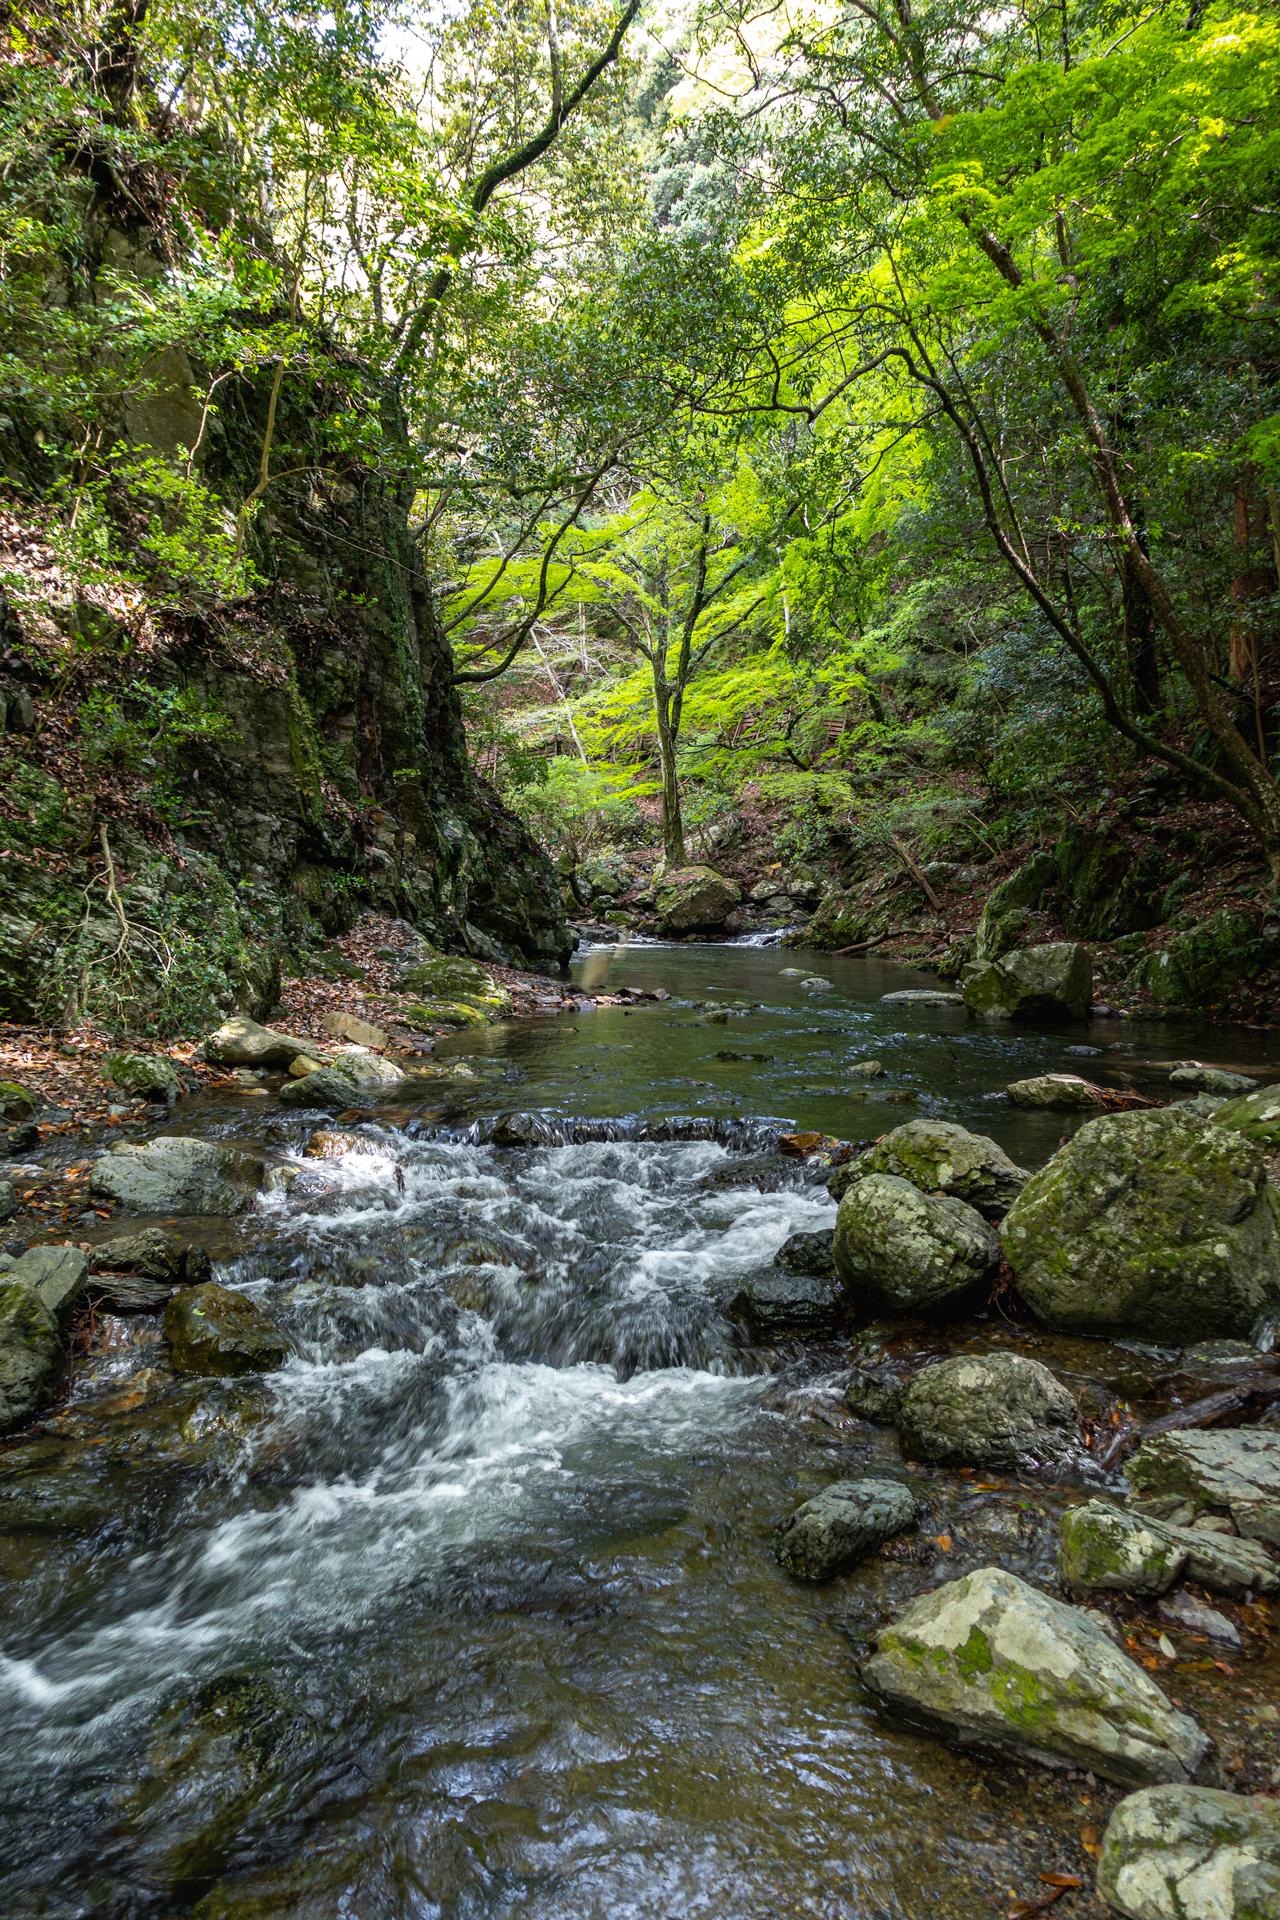 DSC05808 大阪府 箕面大滝(日本の滝百選に選定された新緑に染まる絶景の滝スポット! 写真の紹介、アクセス情報など)